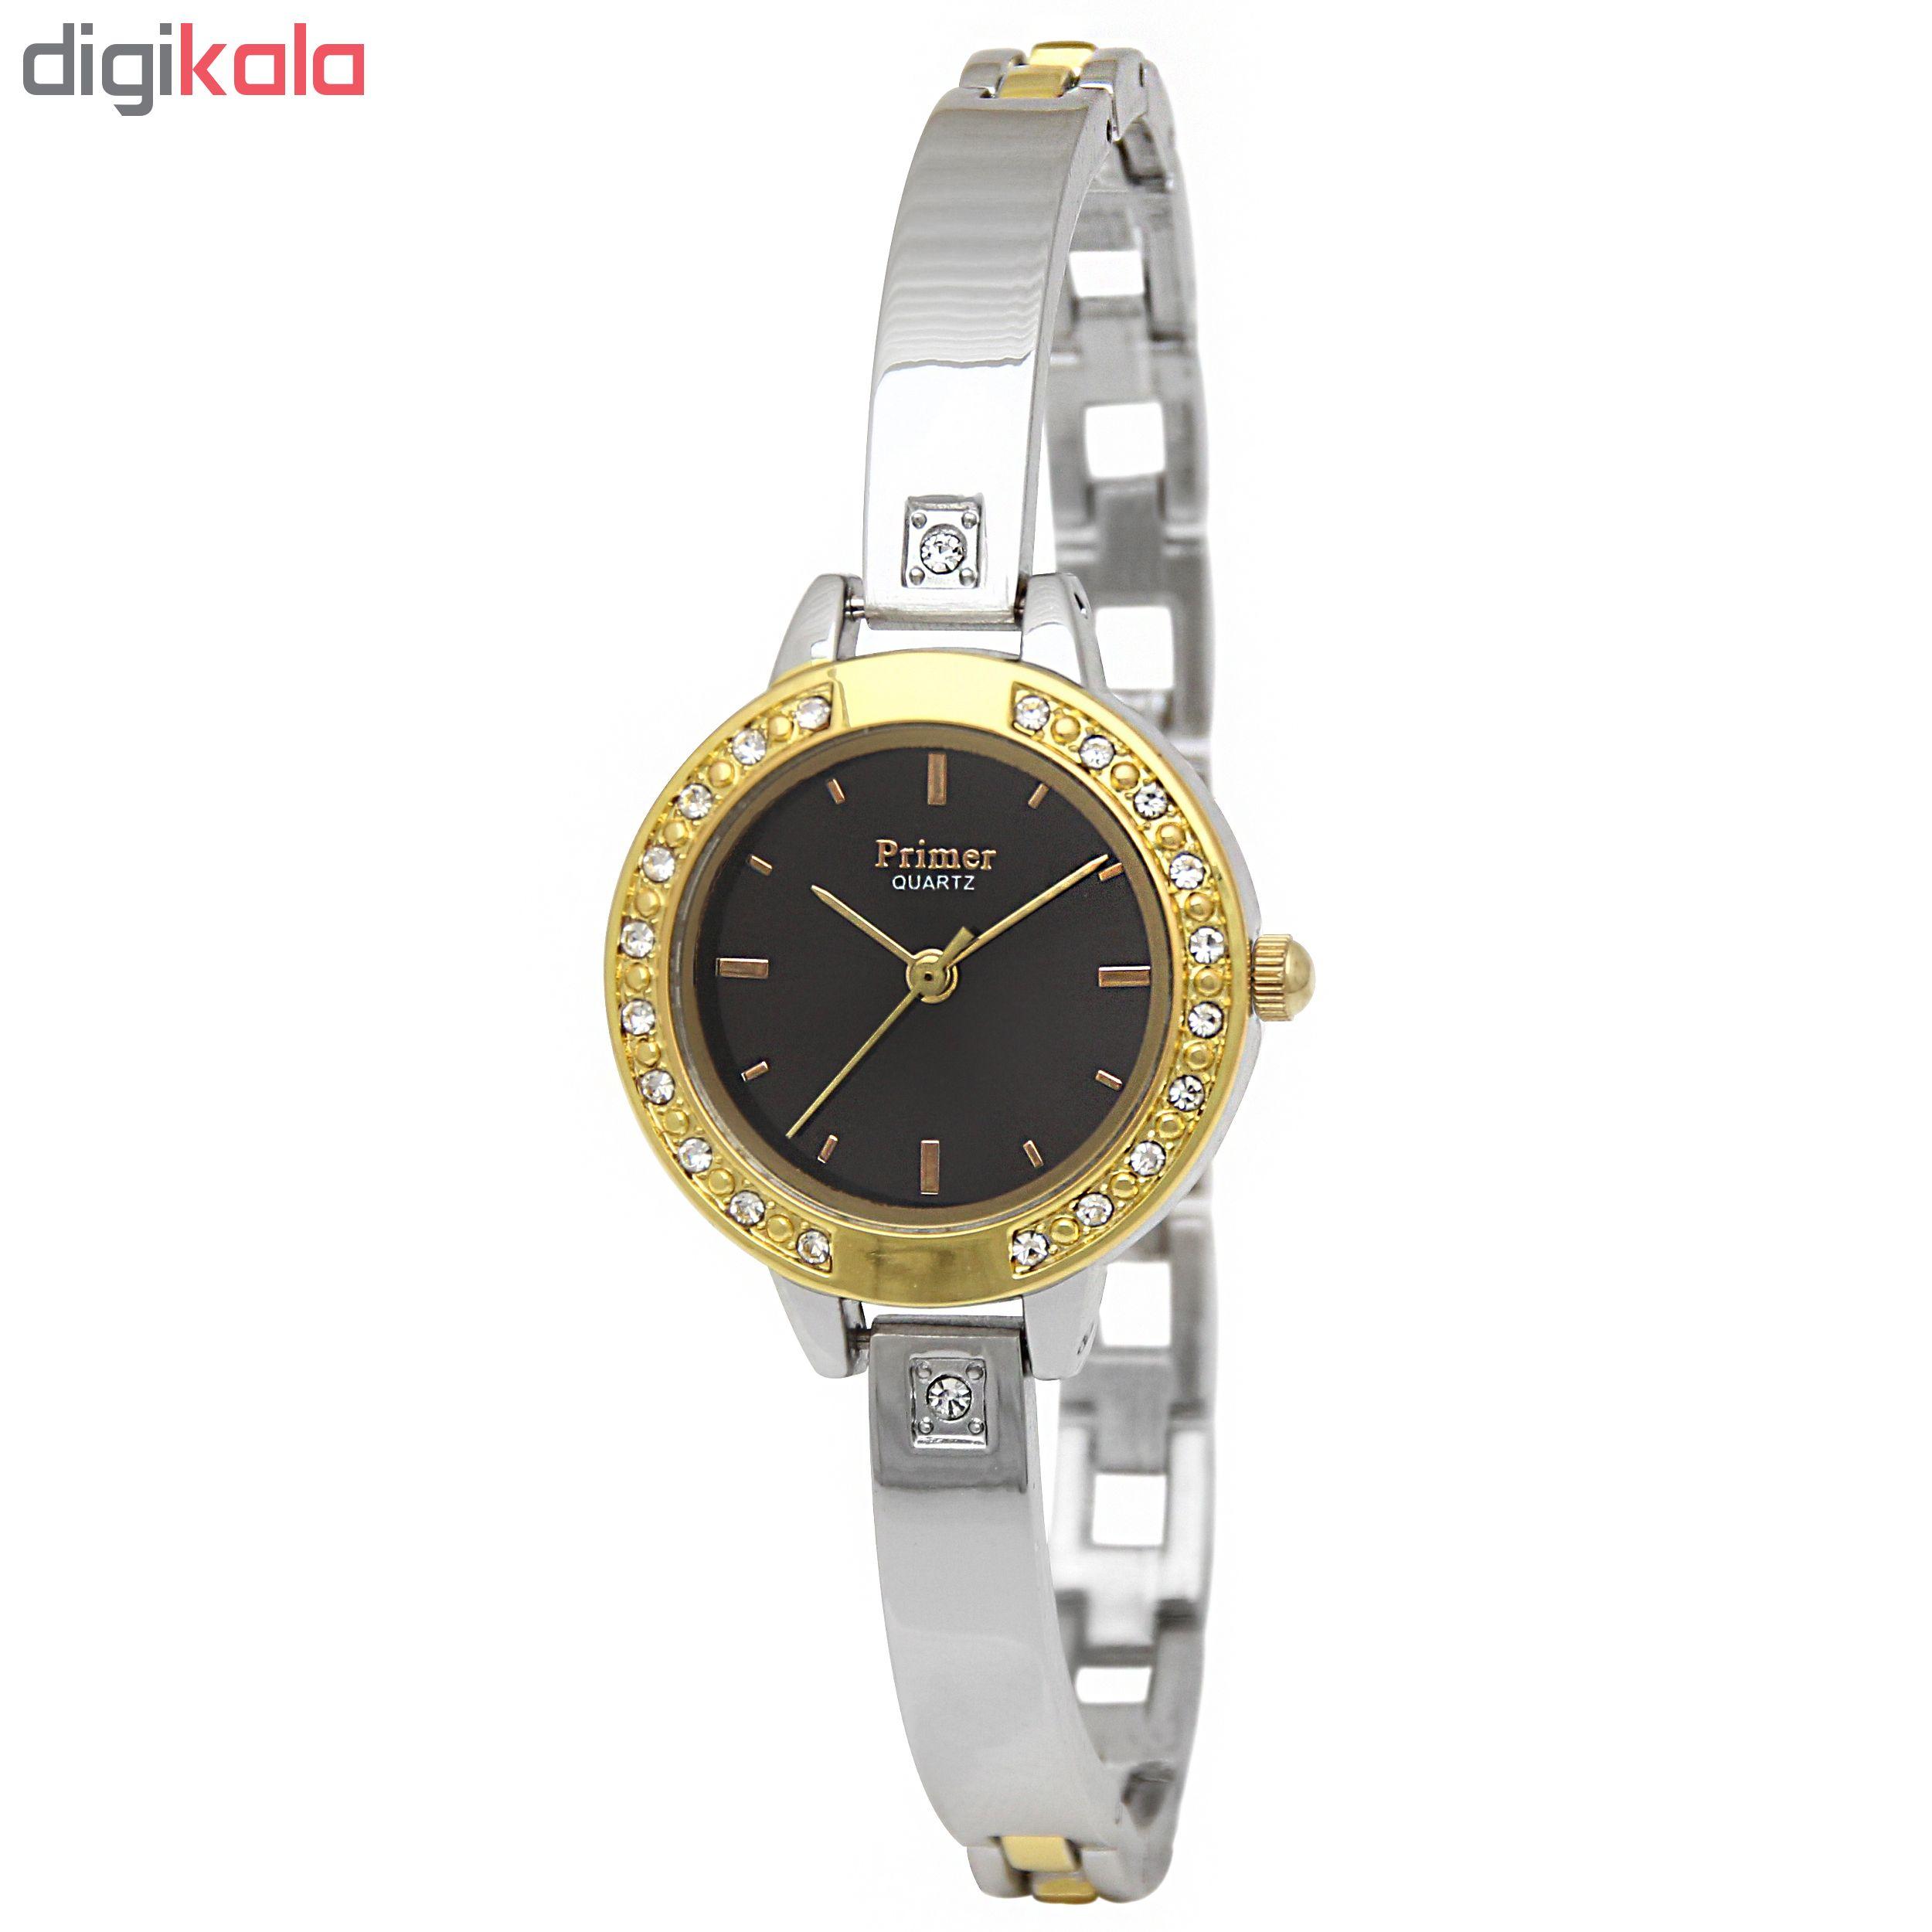 ساعت مچی عقربه ای زنانه پرایمر مدل DL-26-7-SGB              ارزان